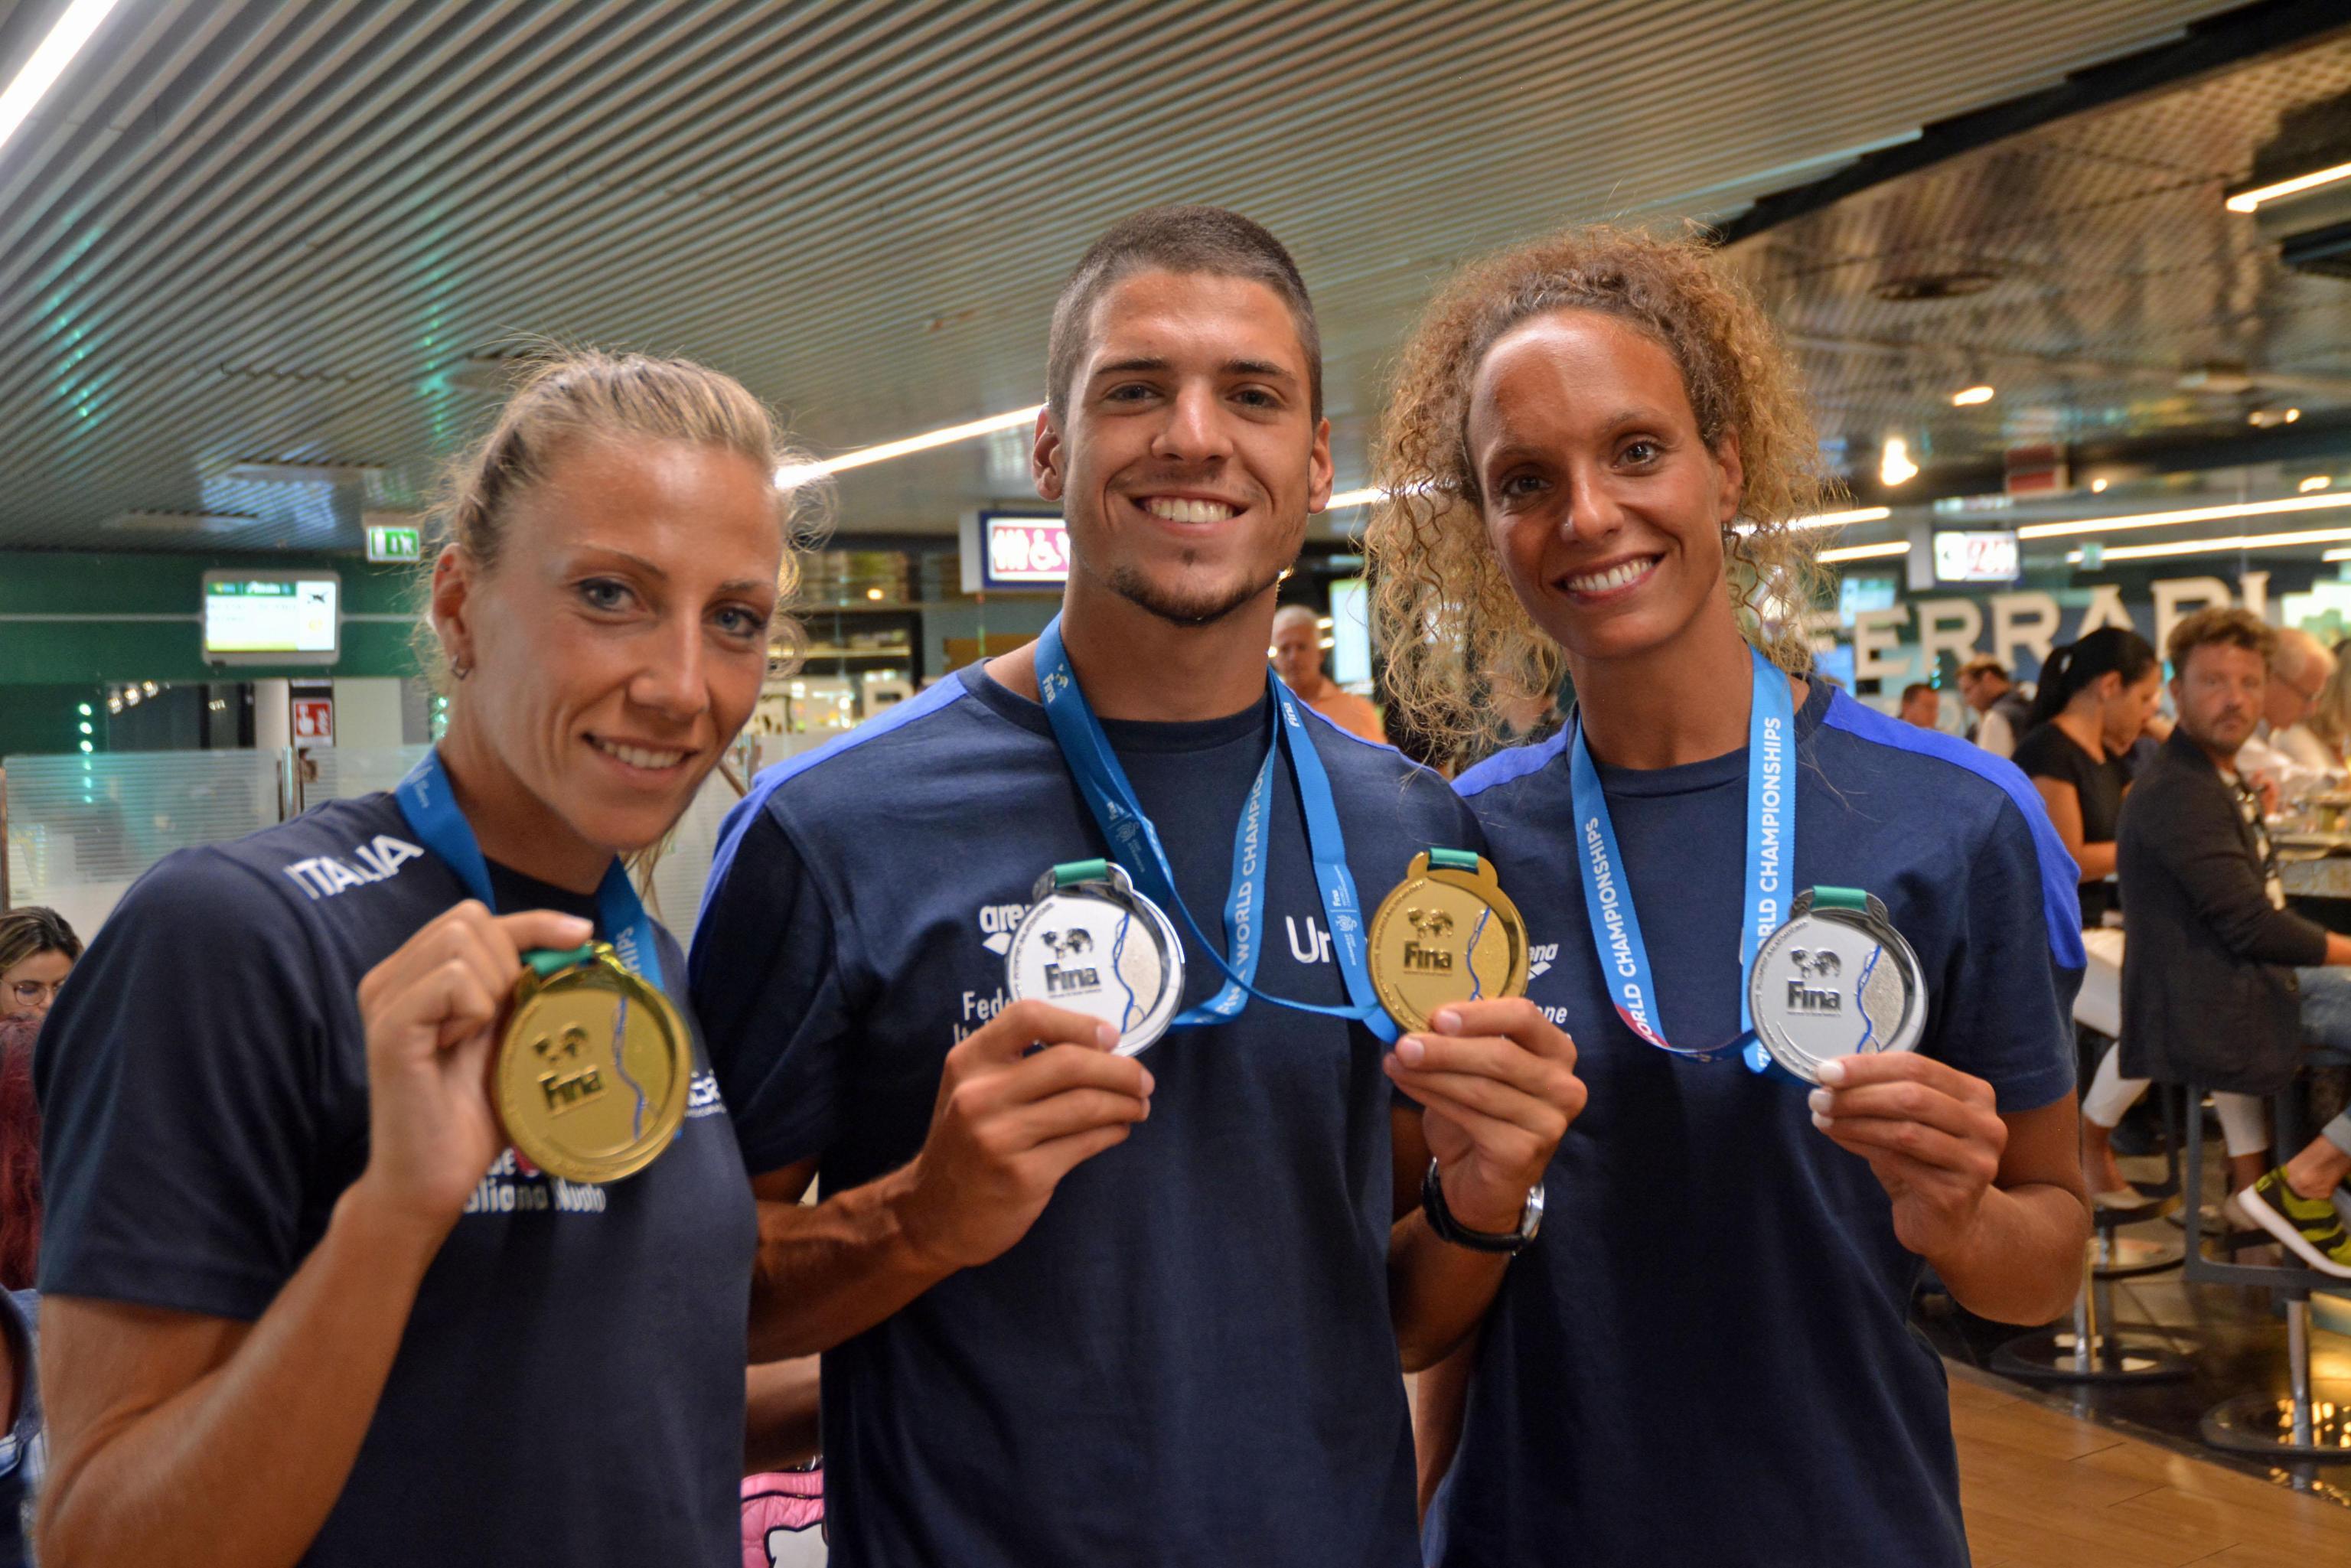 Nuoto: mondiali; rientro trionfale per azzurri sincro